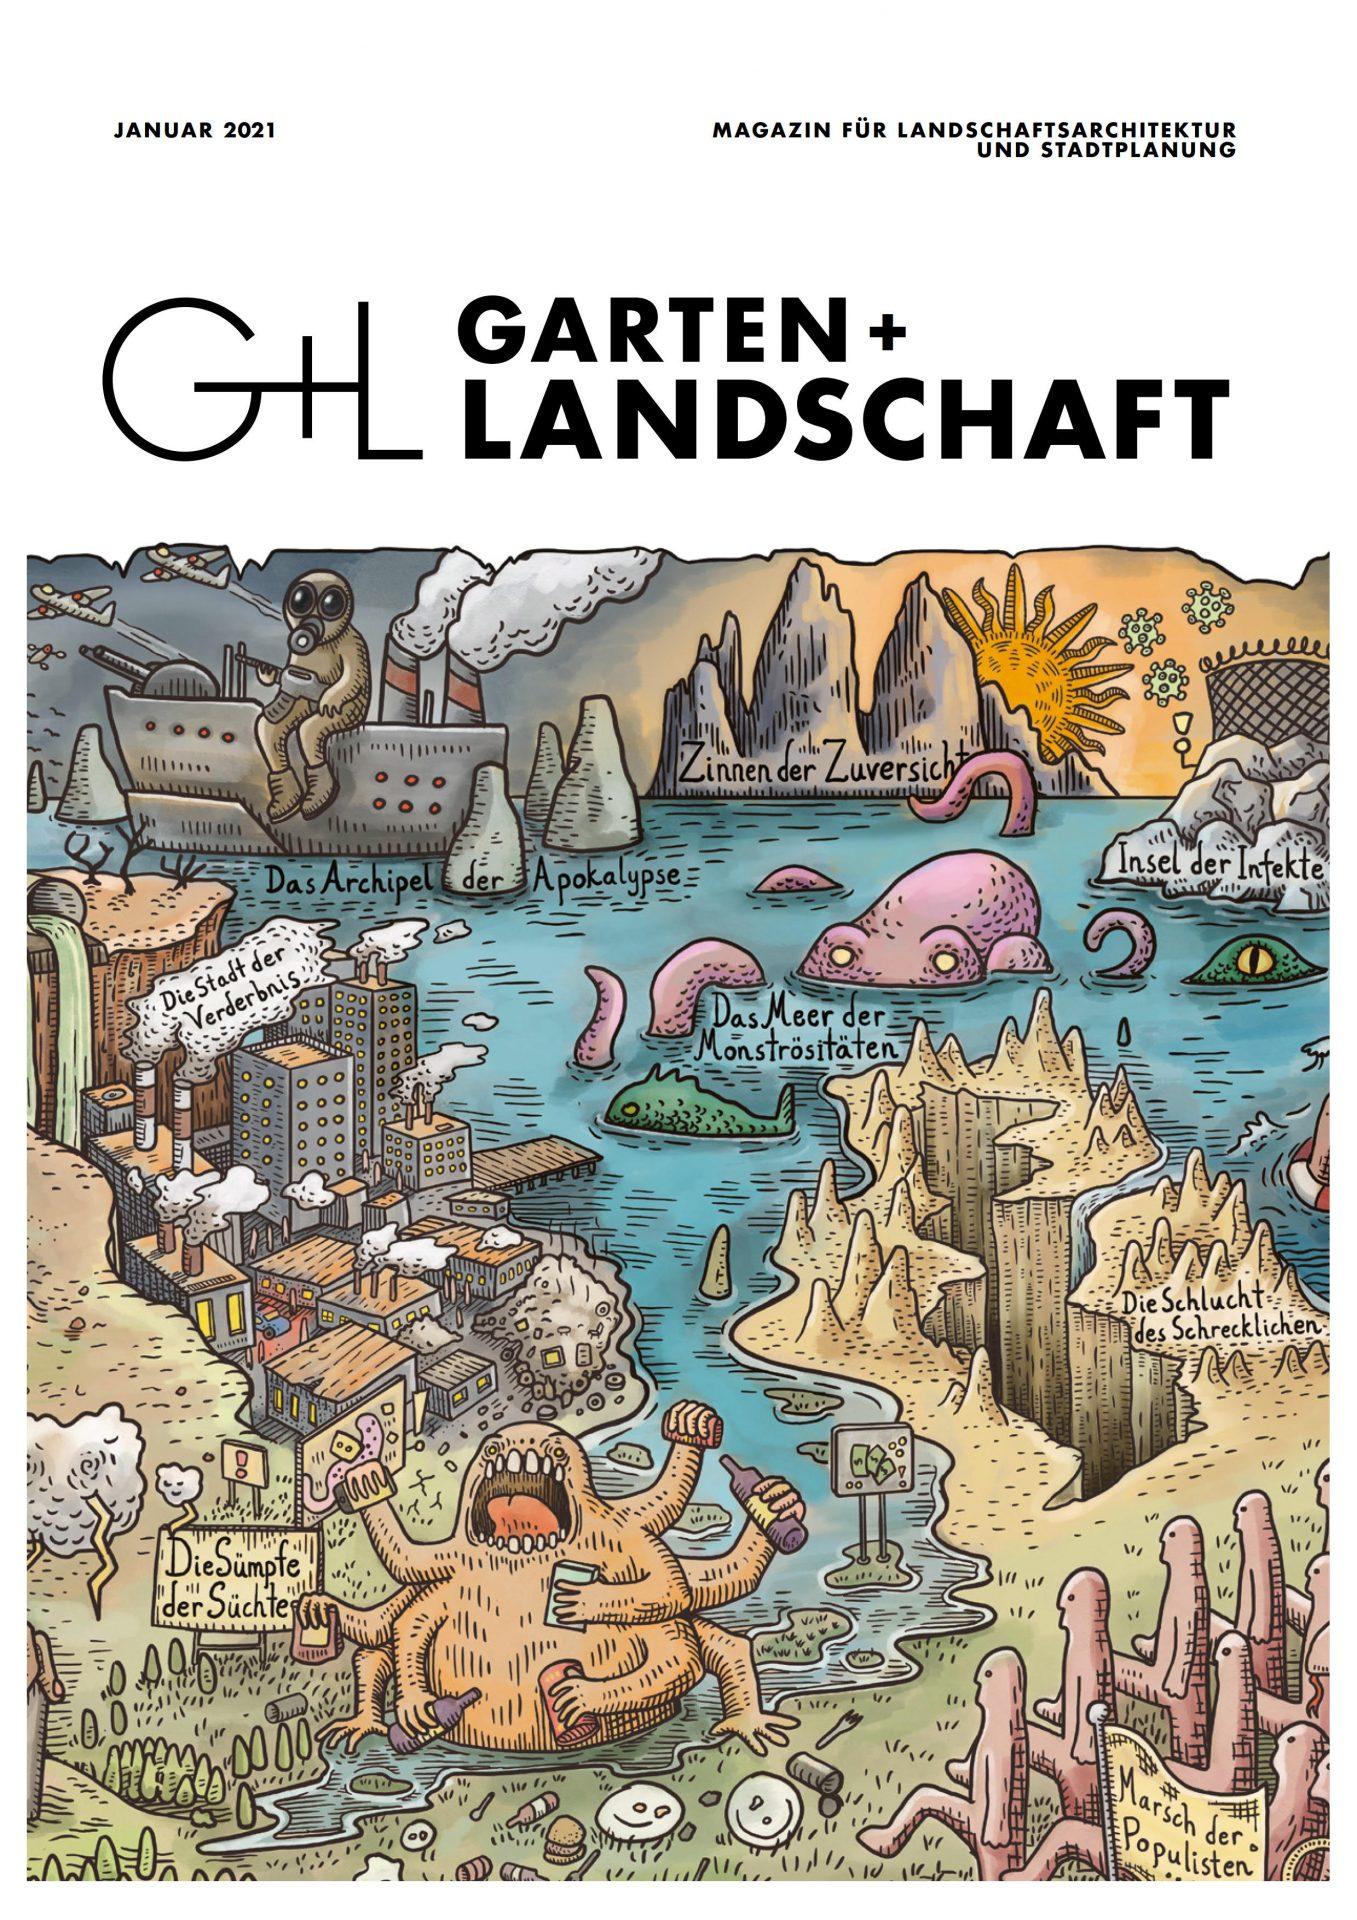 GARTEN+LANDSCHAFT Titelseite 01/2021